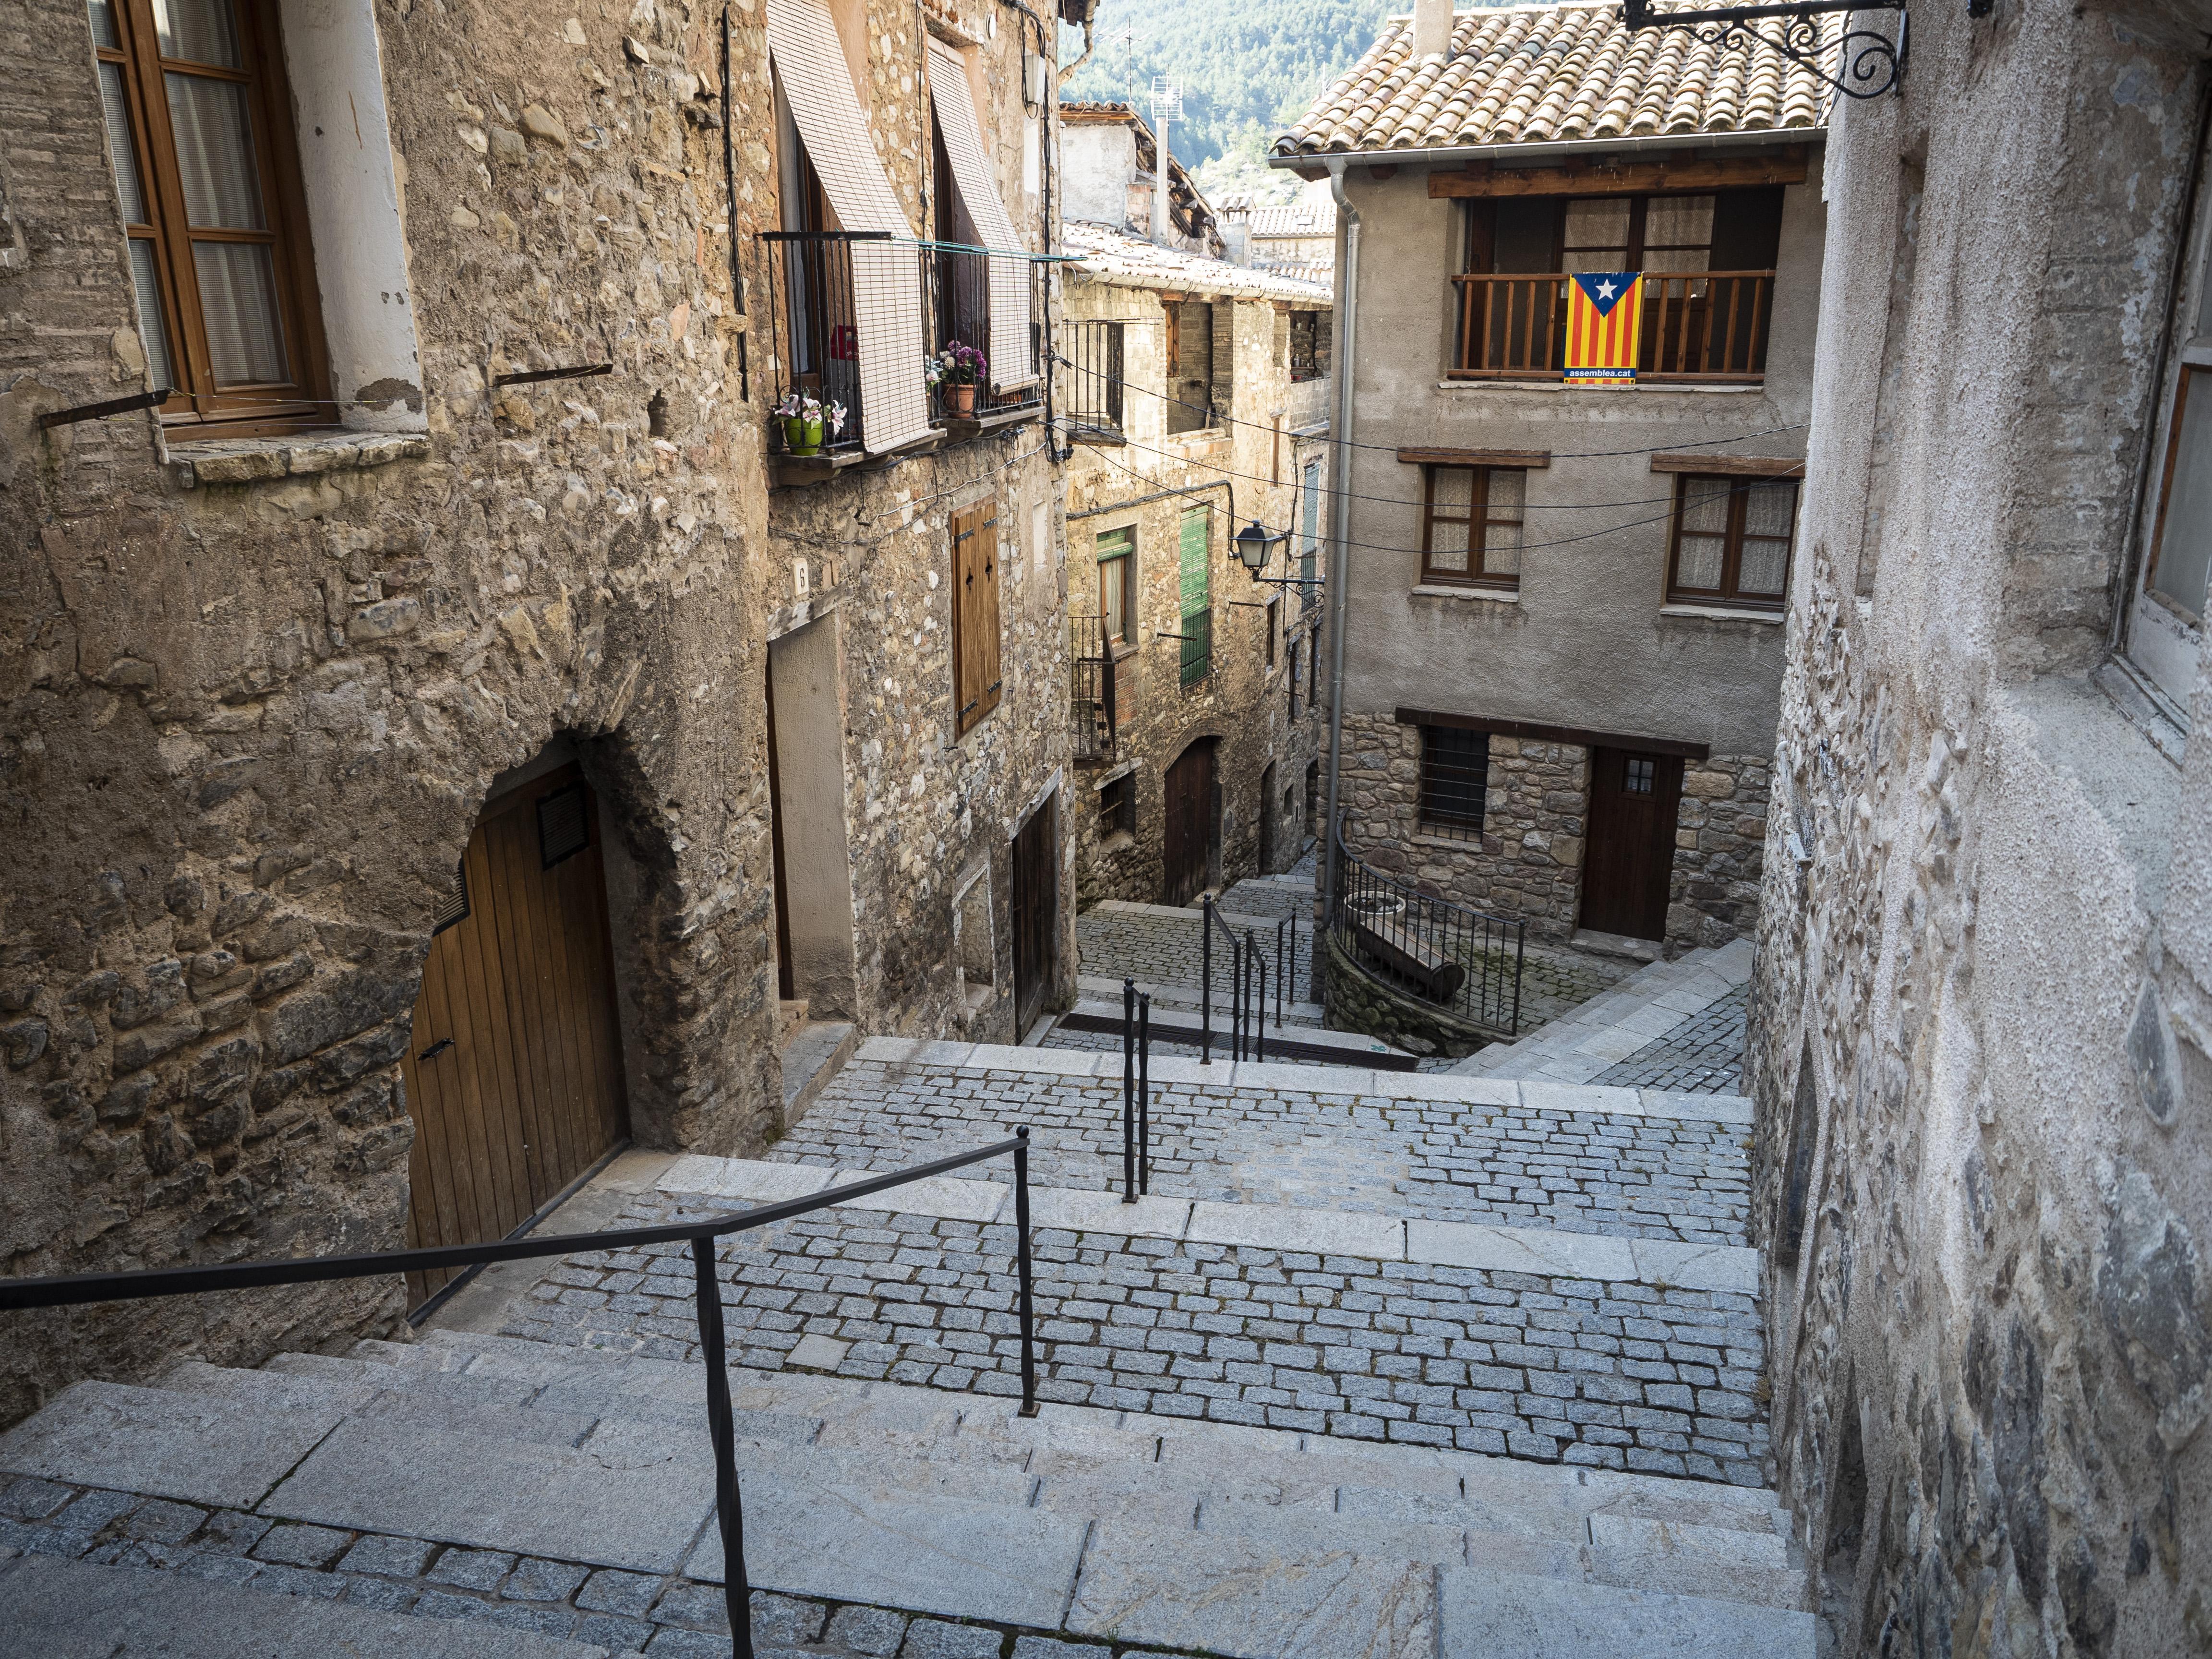 Bagà, una vila medieval 3. FOTO: Anna E. Puig